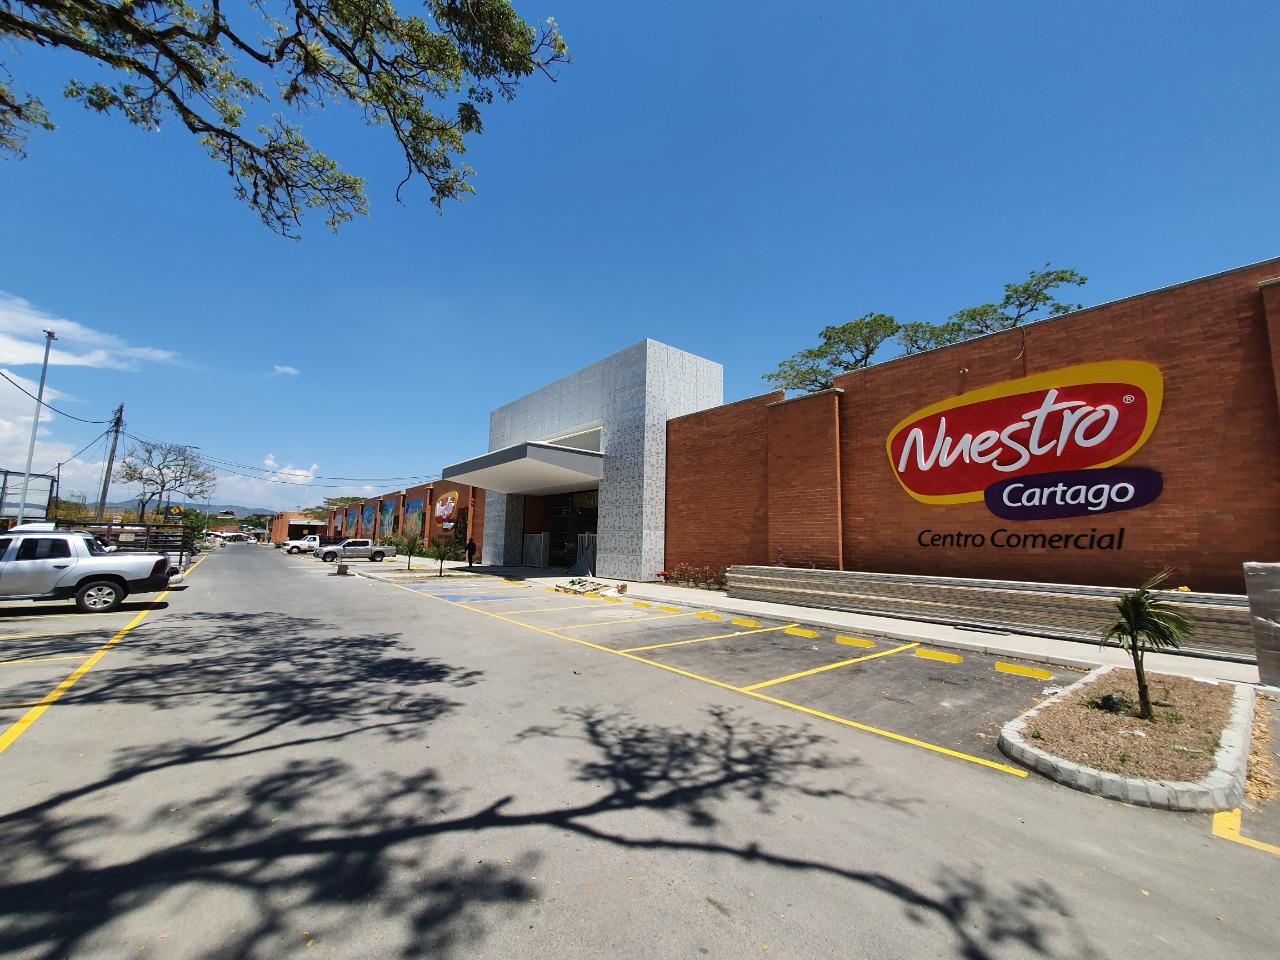 Centro Comercial Nuestro Cartago